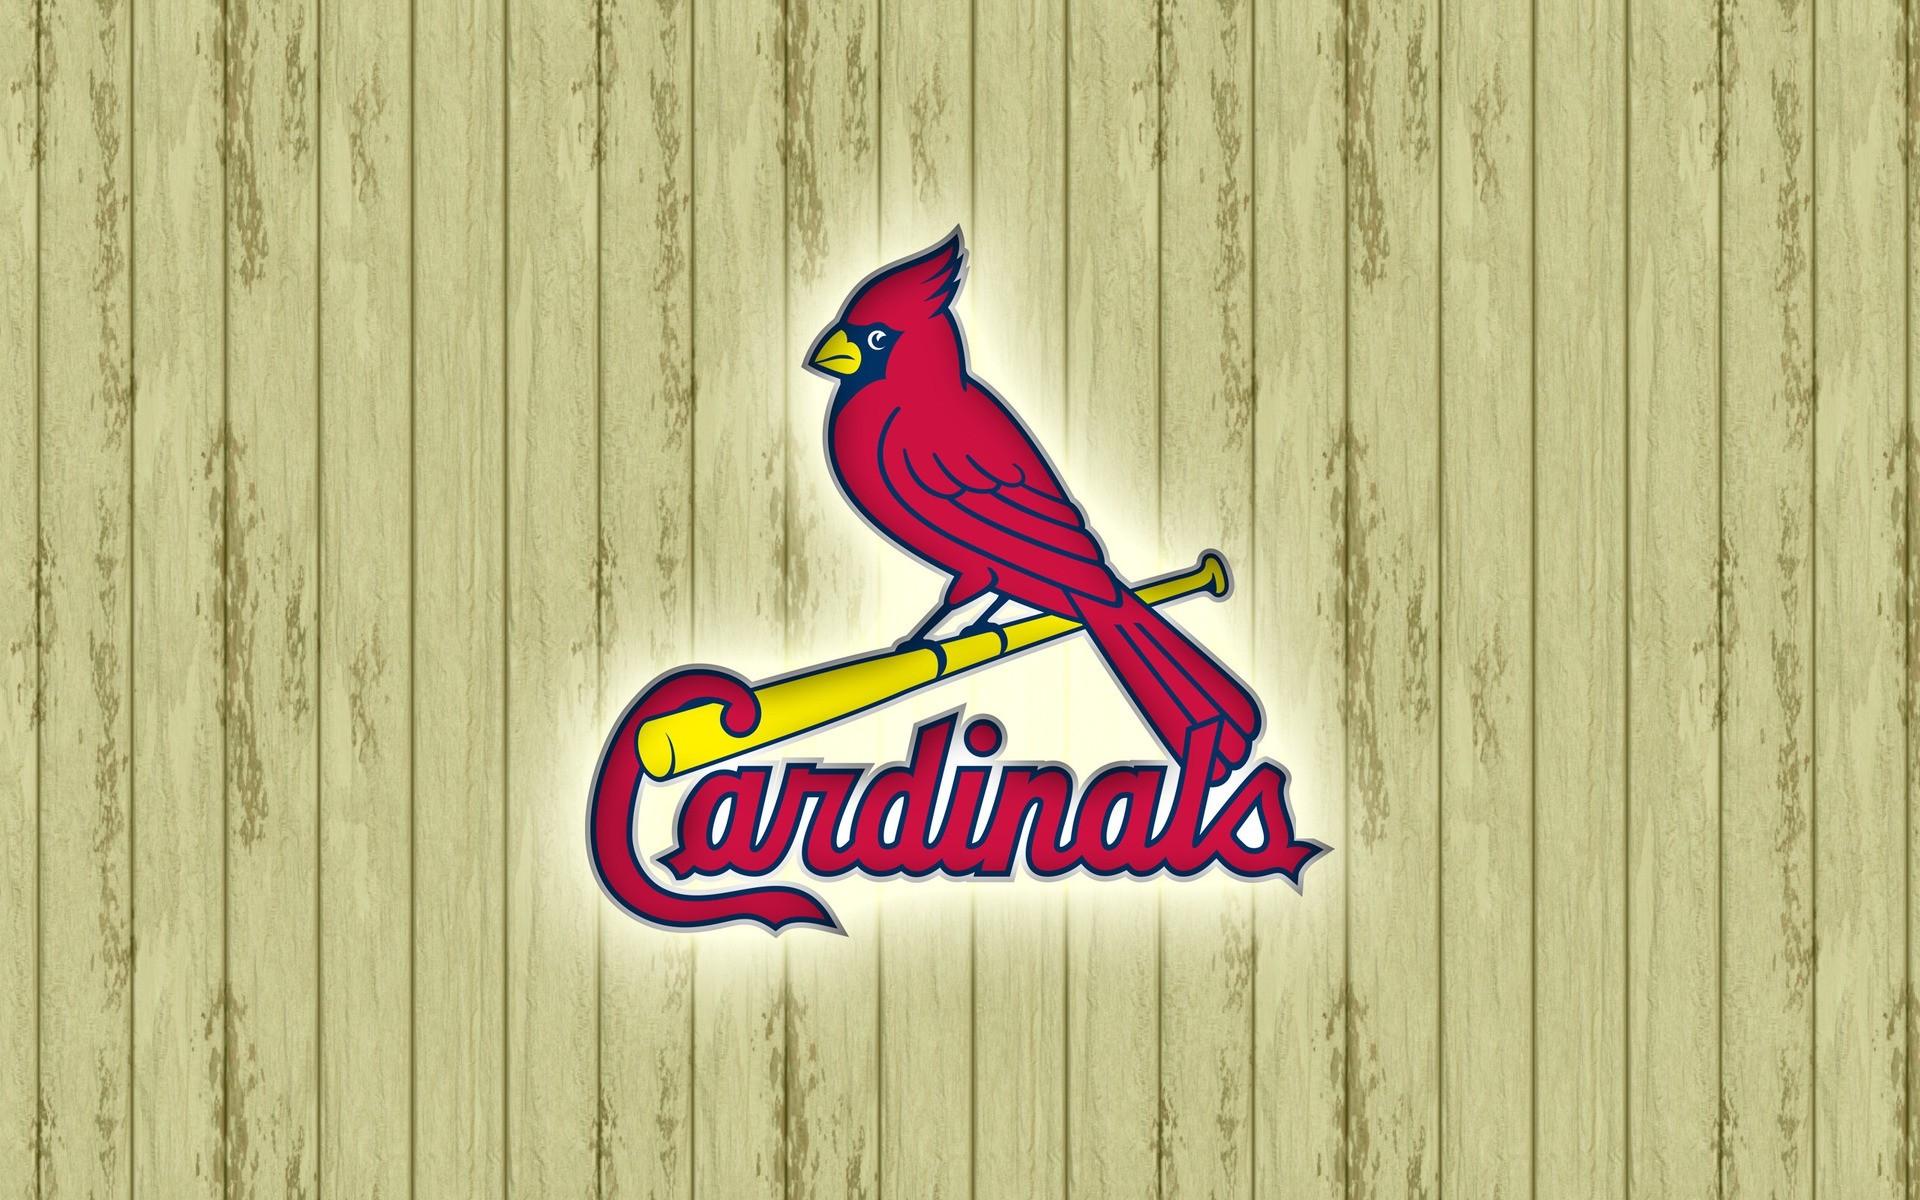 Arizona Cardinals Wallpapers (71+ Images